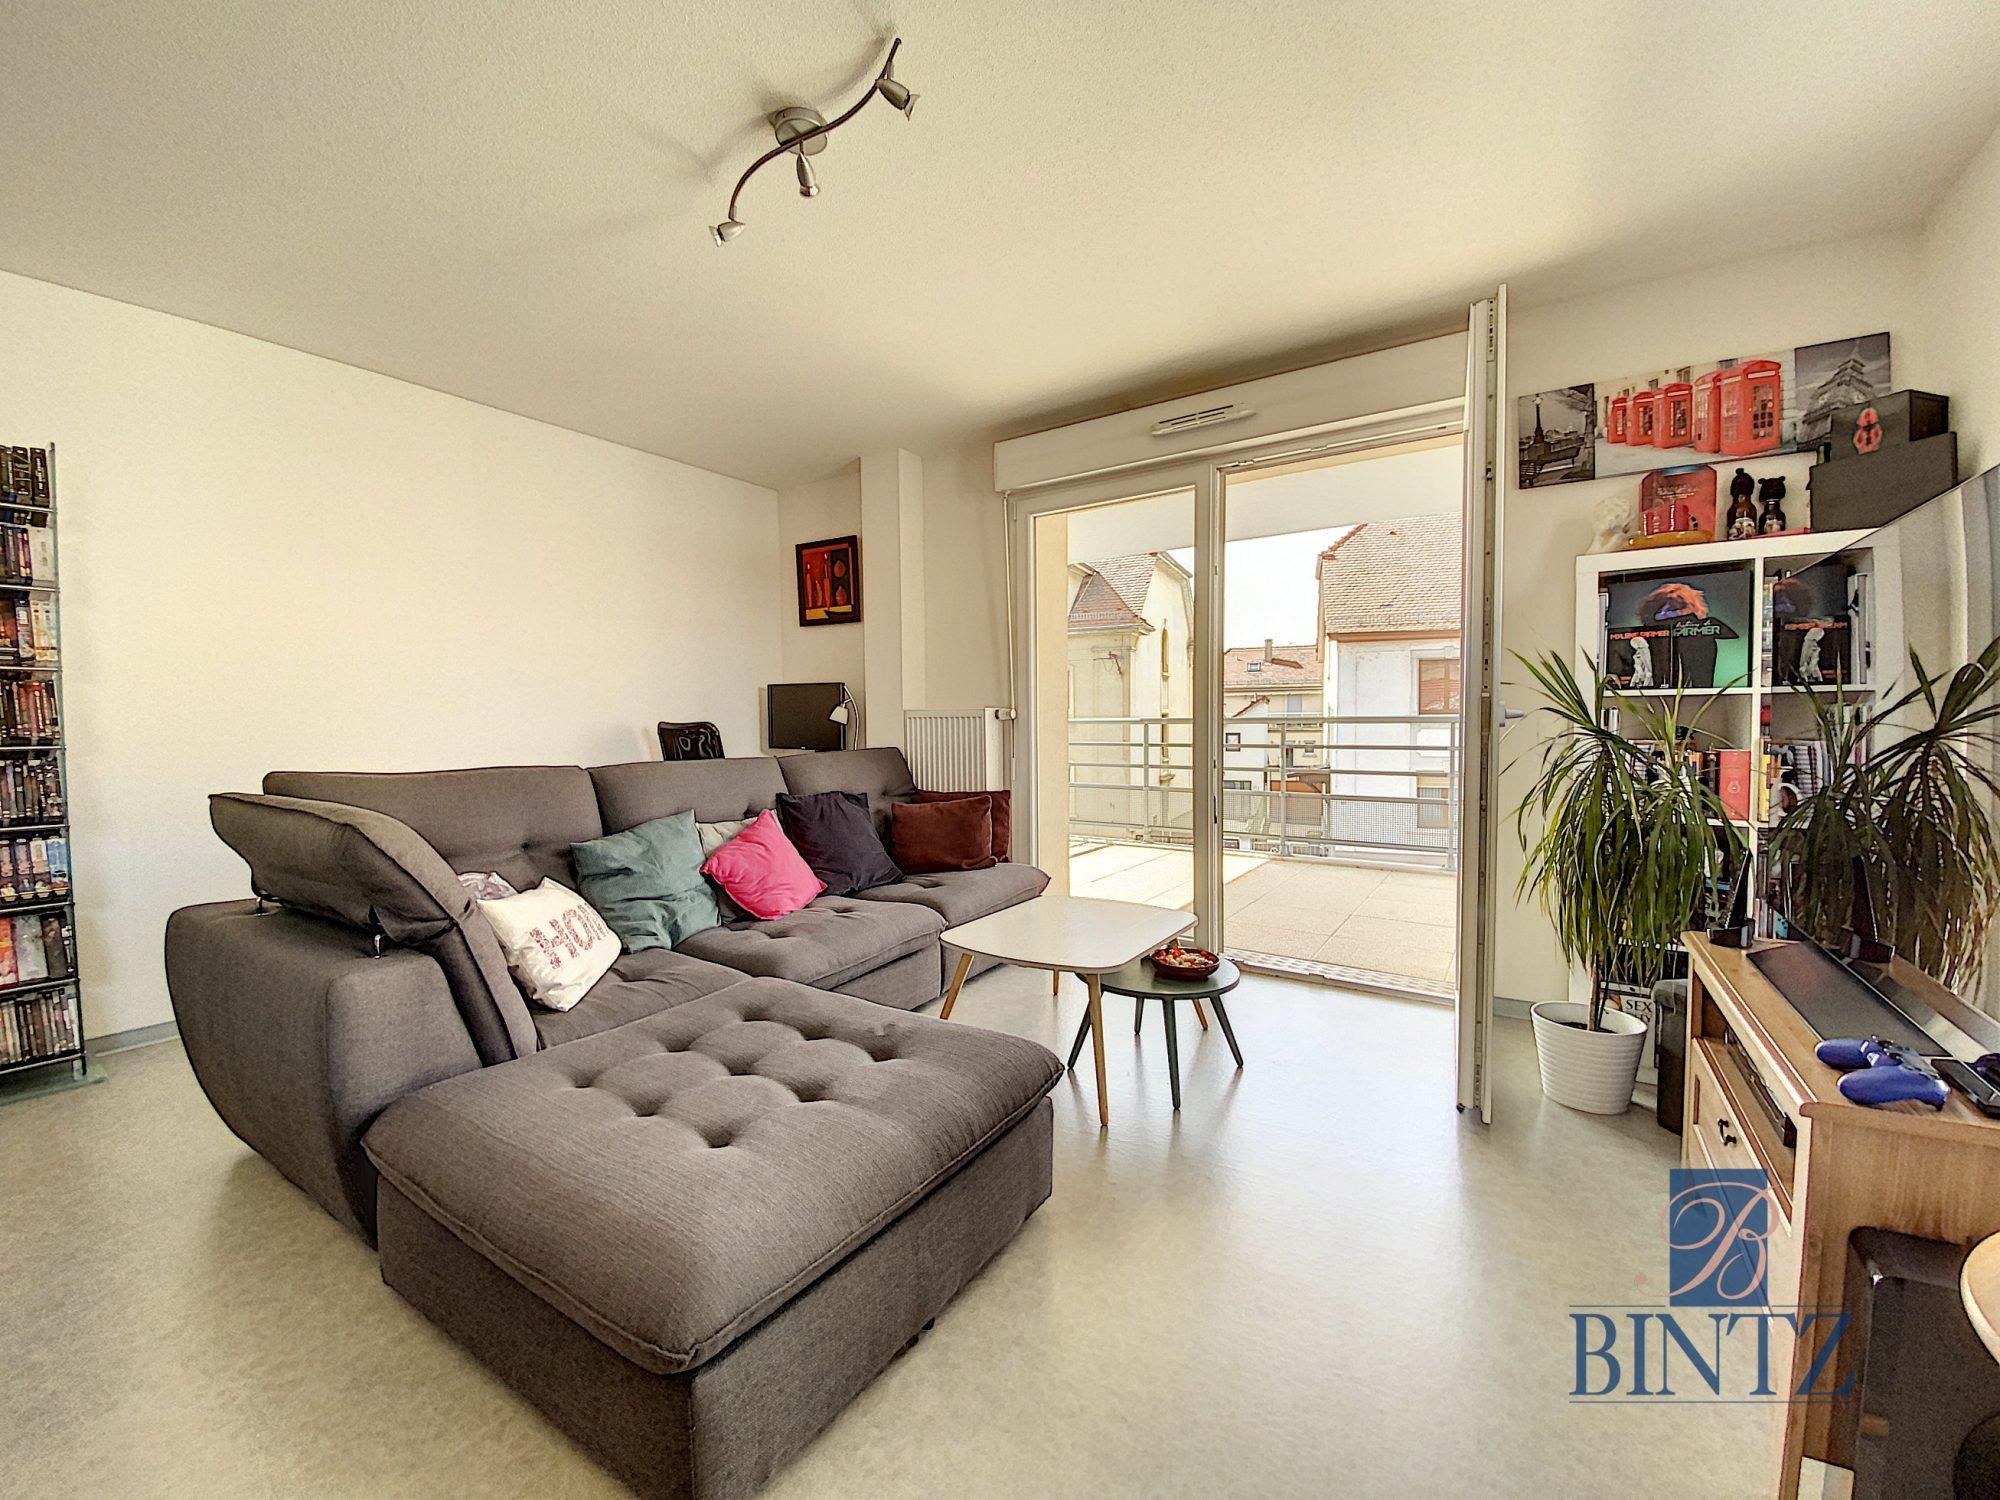 3 pièces neuf avec terrasse Schiltigheim - Devenez propriétaire en toute confiance - Bintz Immobilier - 1